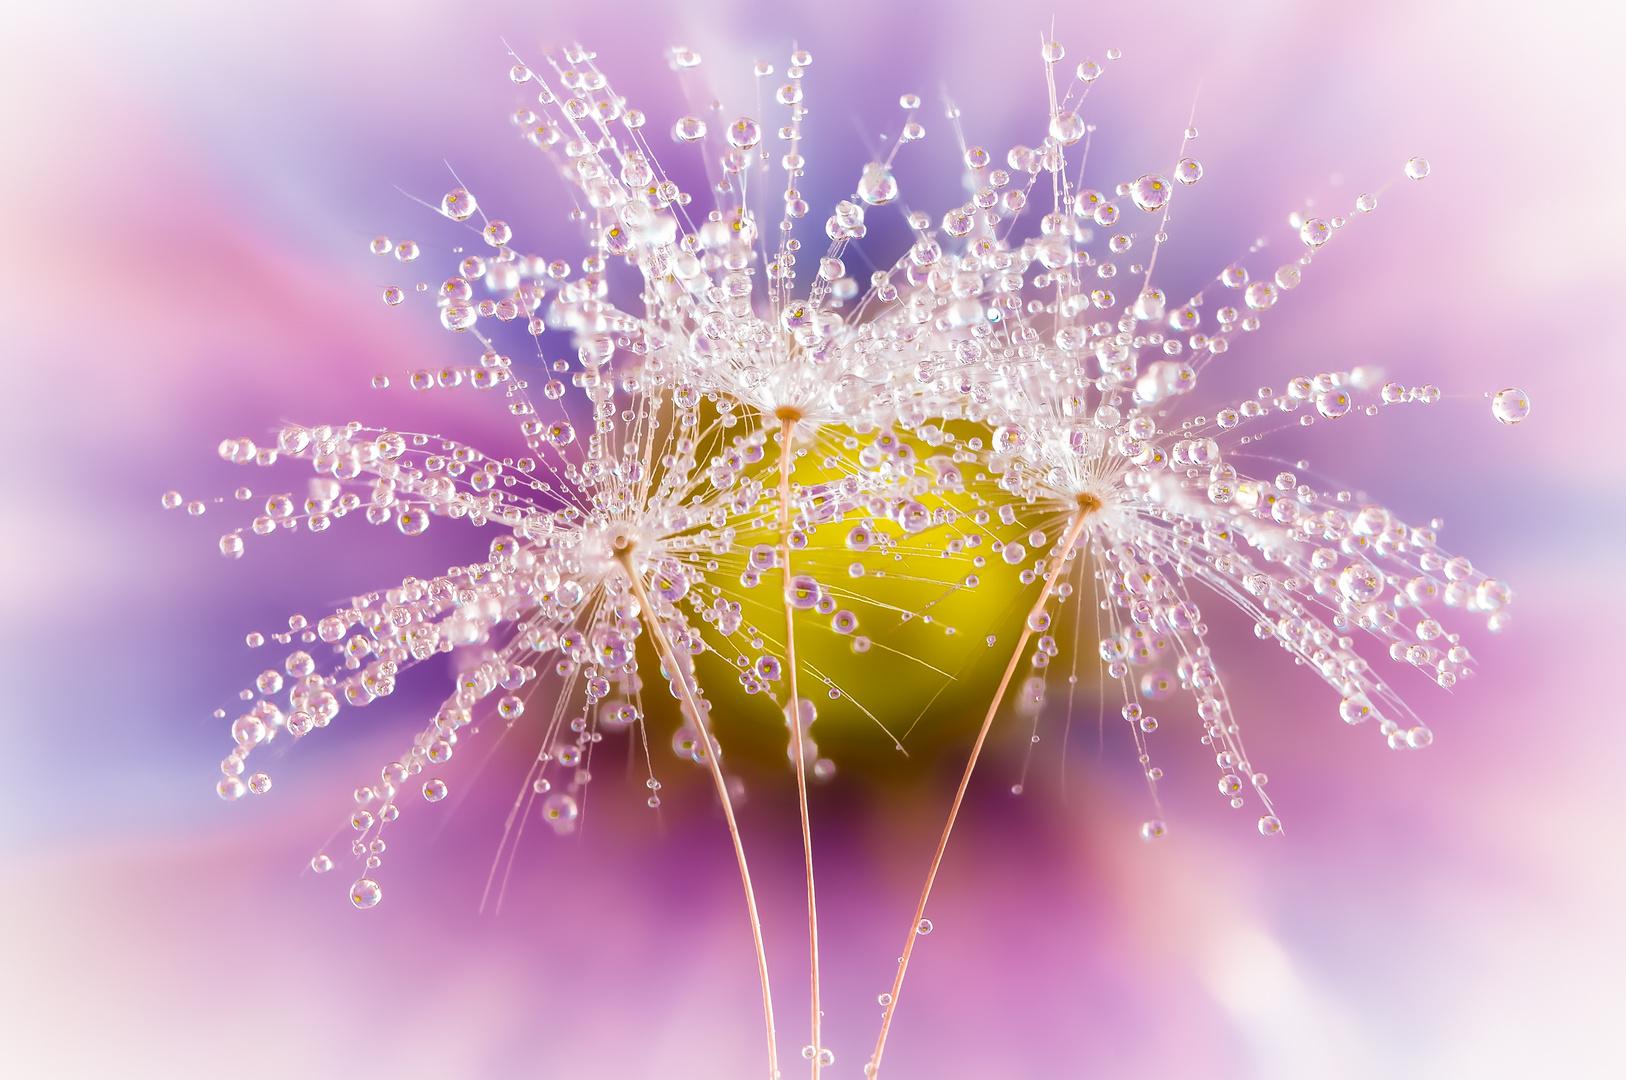 Drops e Flowers Gocce e Fiori Riflessi by Mario JR Nicorelli con Nikon D300s macro fotografia